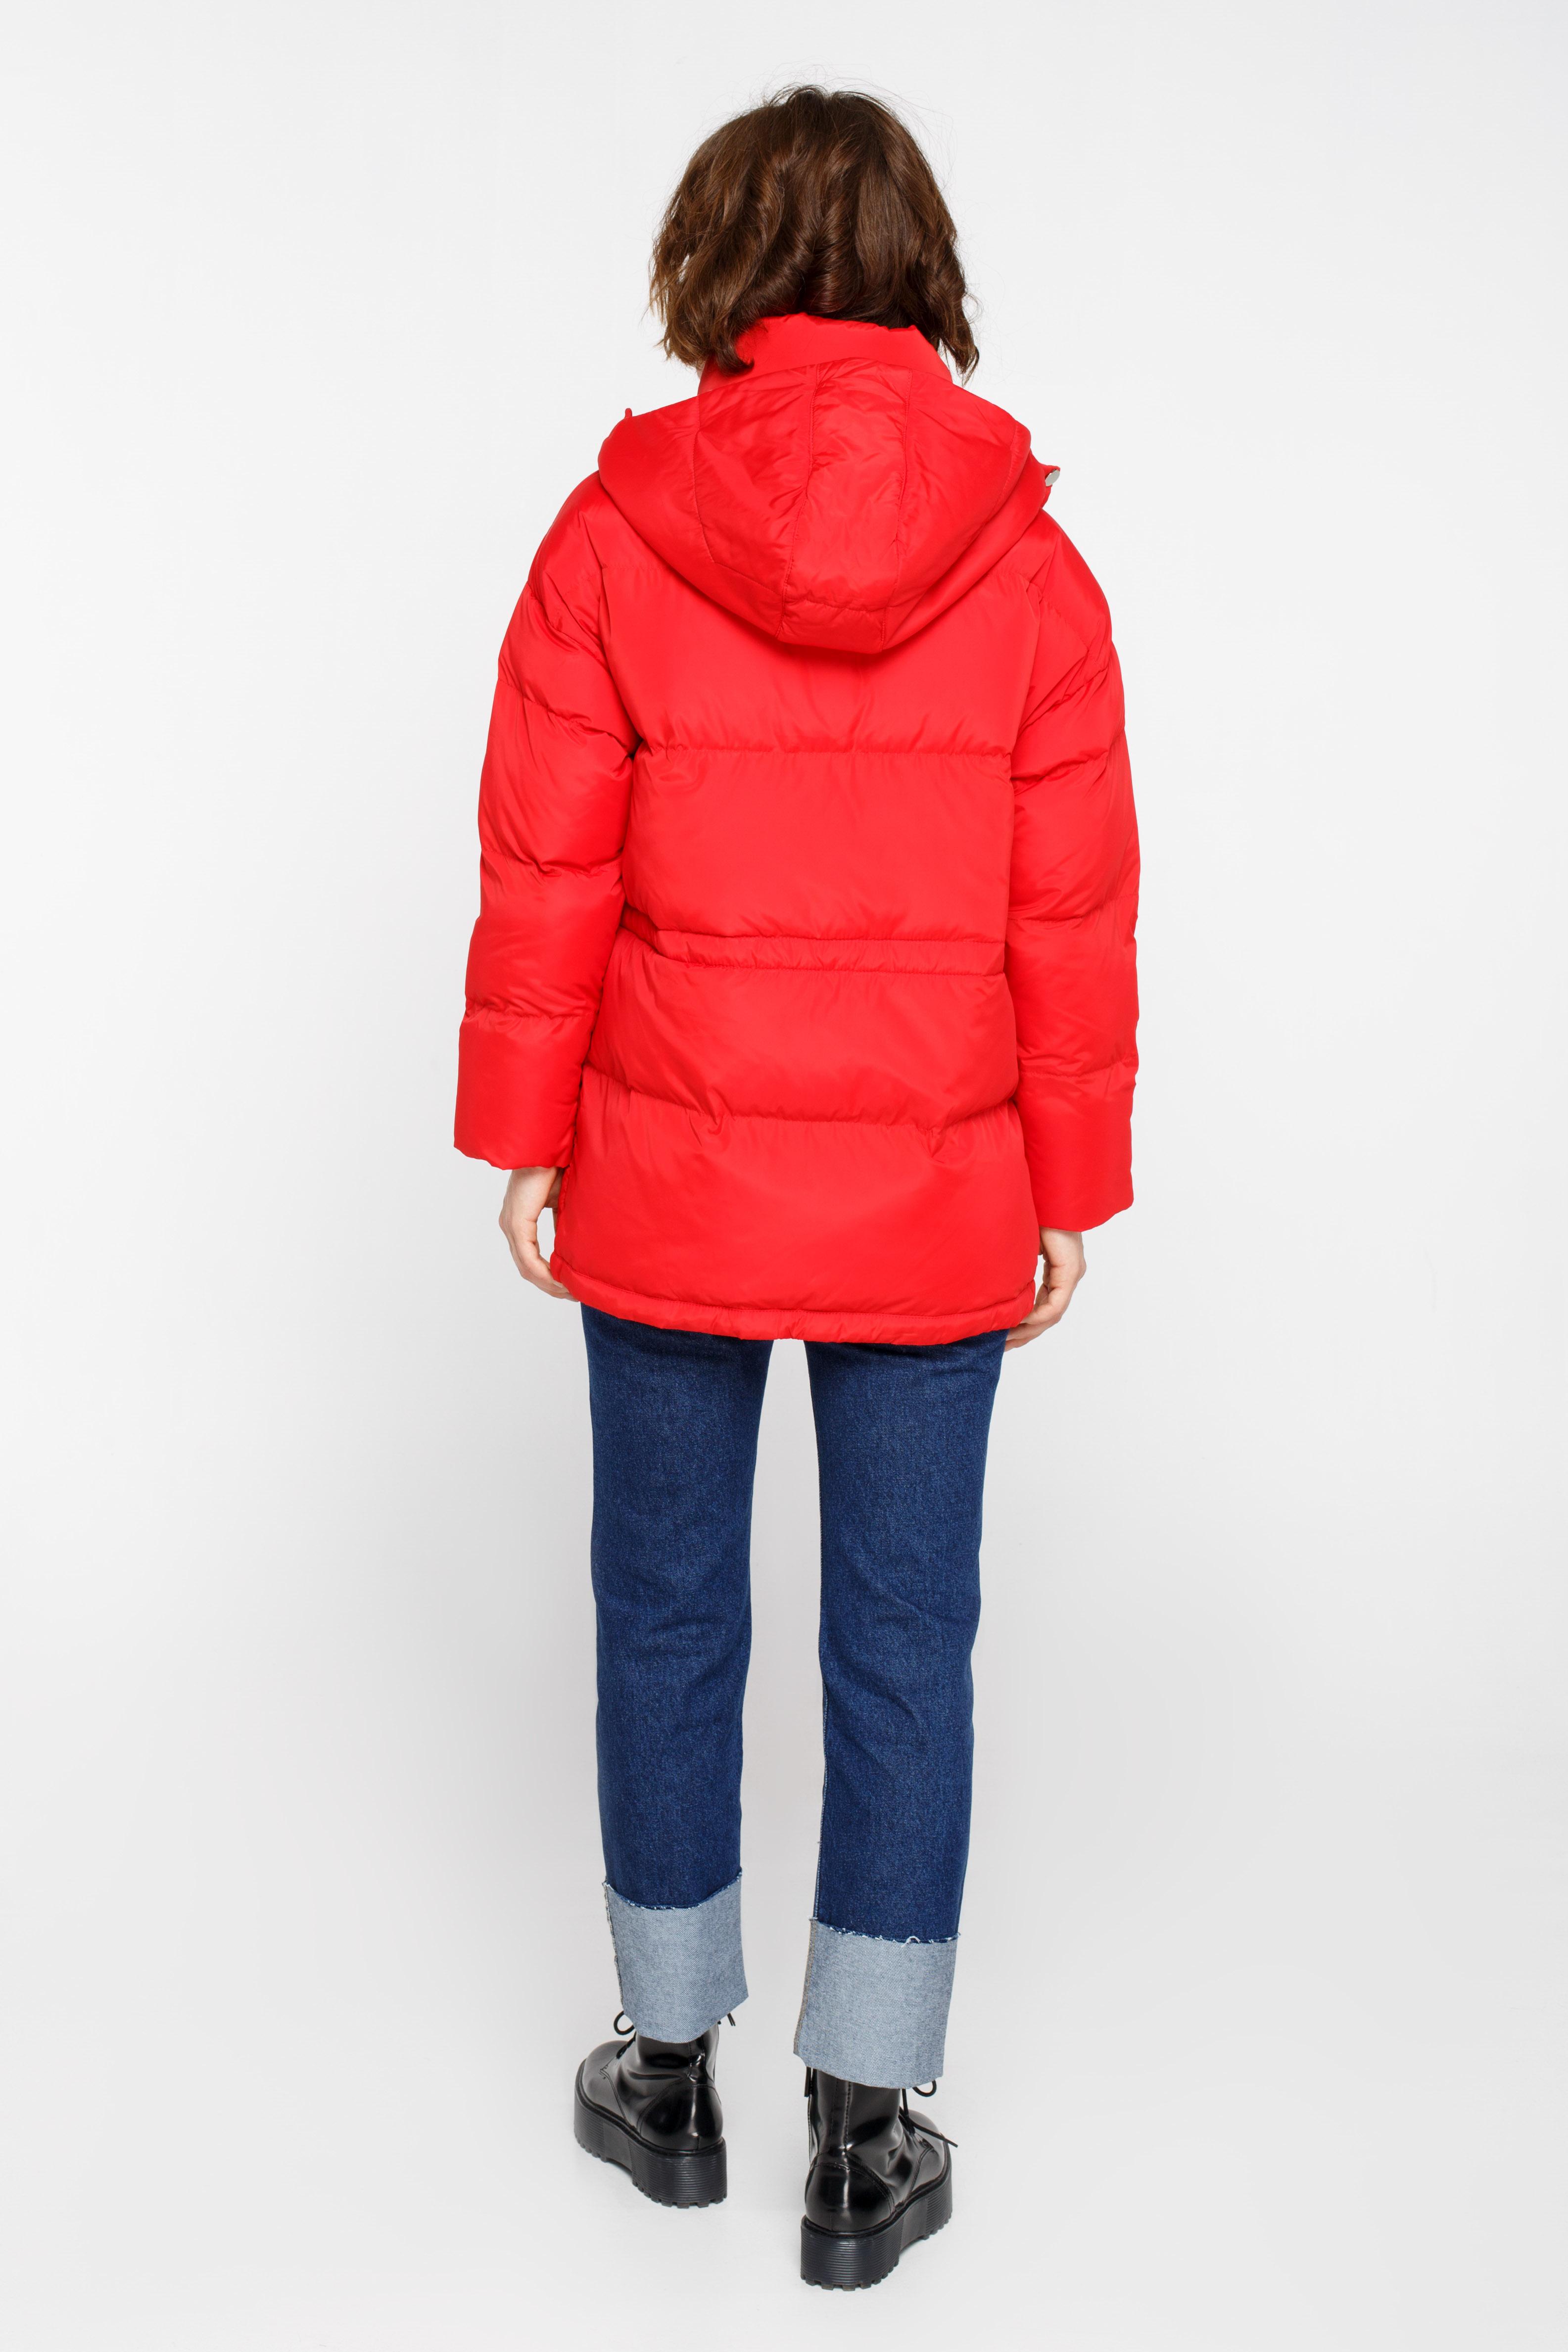 Куртка пуховая женские MustHave модель 7239 , 2017